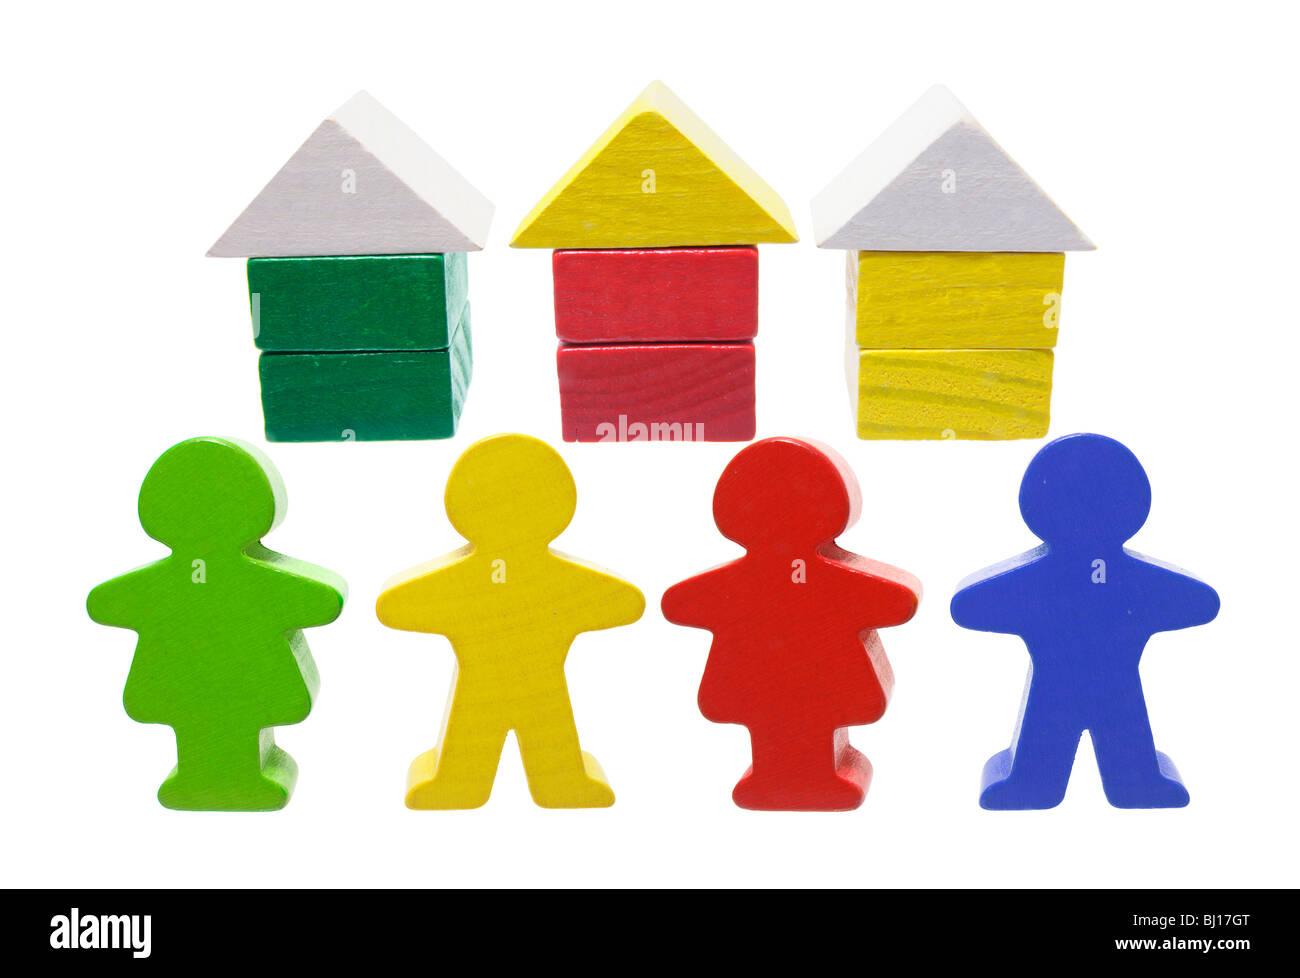 Miniatur-Häuser und Figuren Stockbild